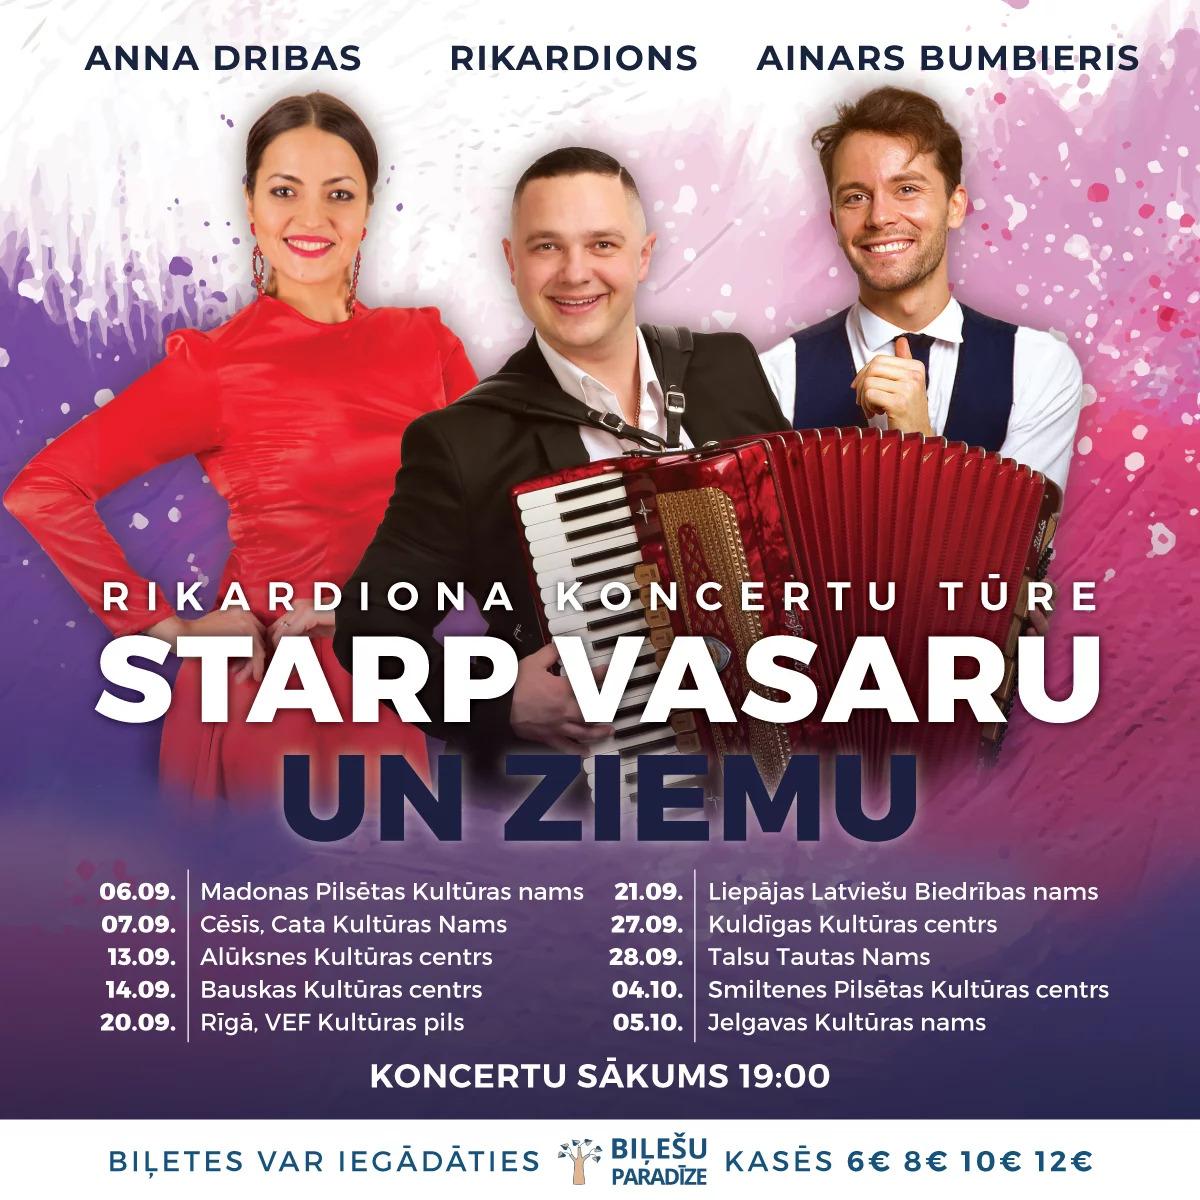 """Rikardiona koncertu tūre 2019 """"Starp vasaru un ziemu"""" – Cēsis"""